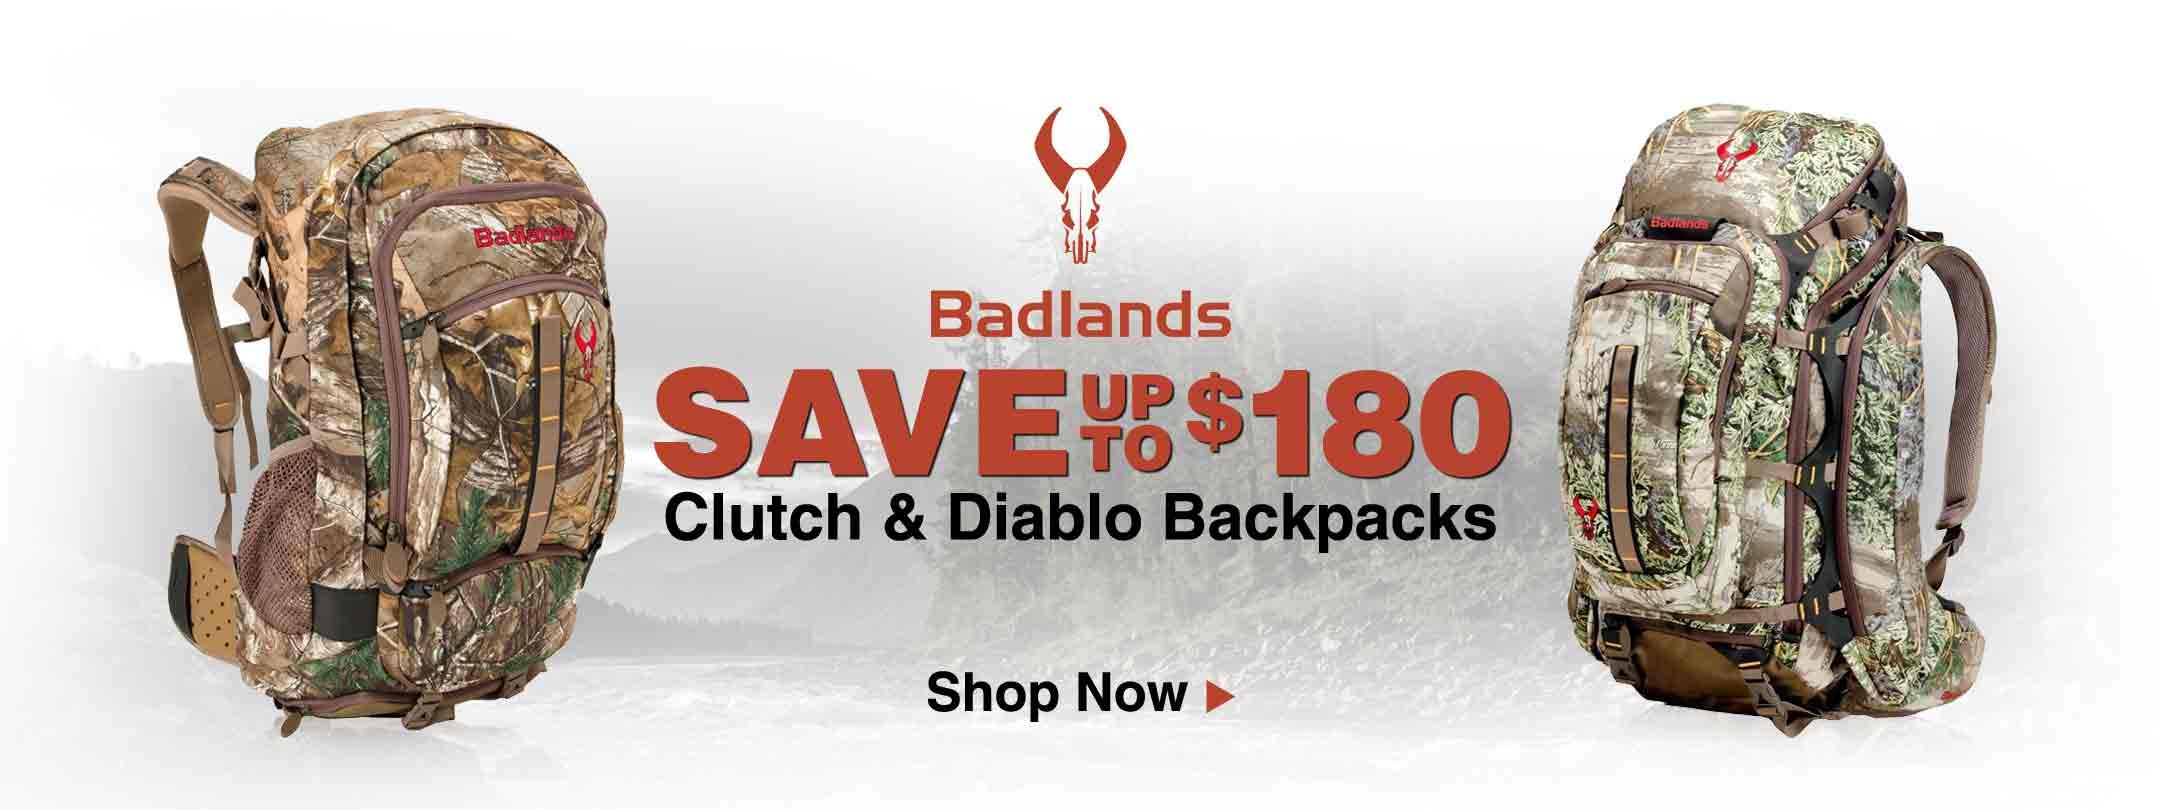 Badlands Clutch & Diablo Backpacks